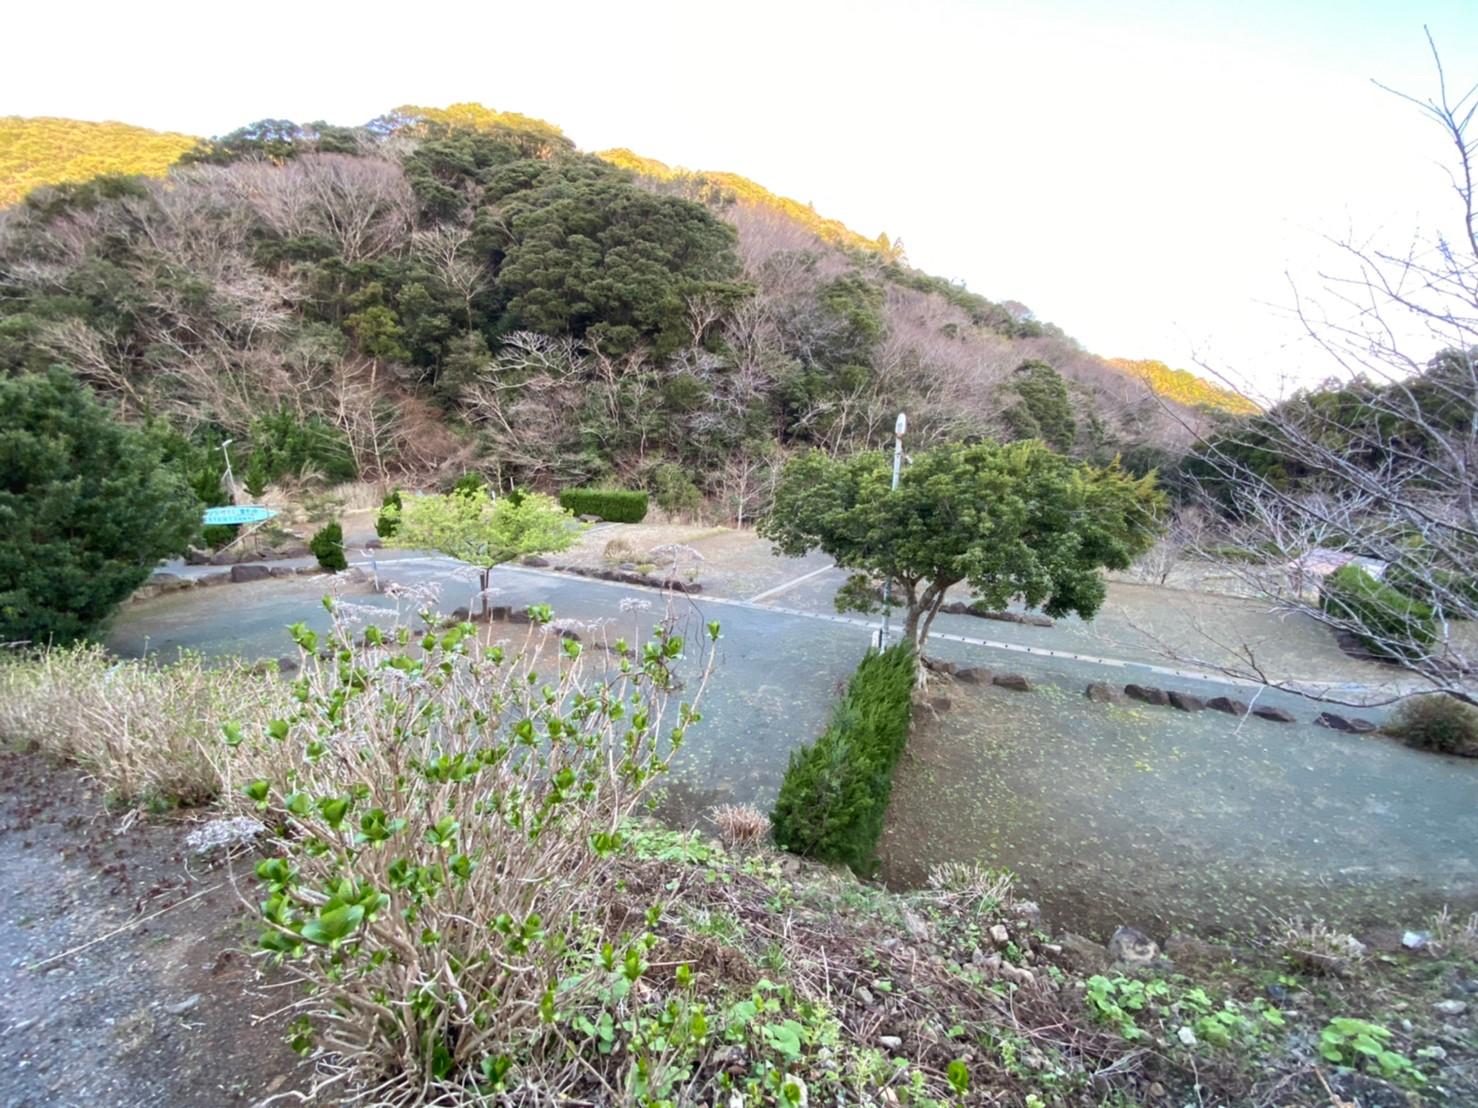 【富士山が見え、海水浴場も近い!伊豆】『オートキャンプ場花沢』の情報まとめ(駐車場・トイレ)